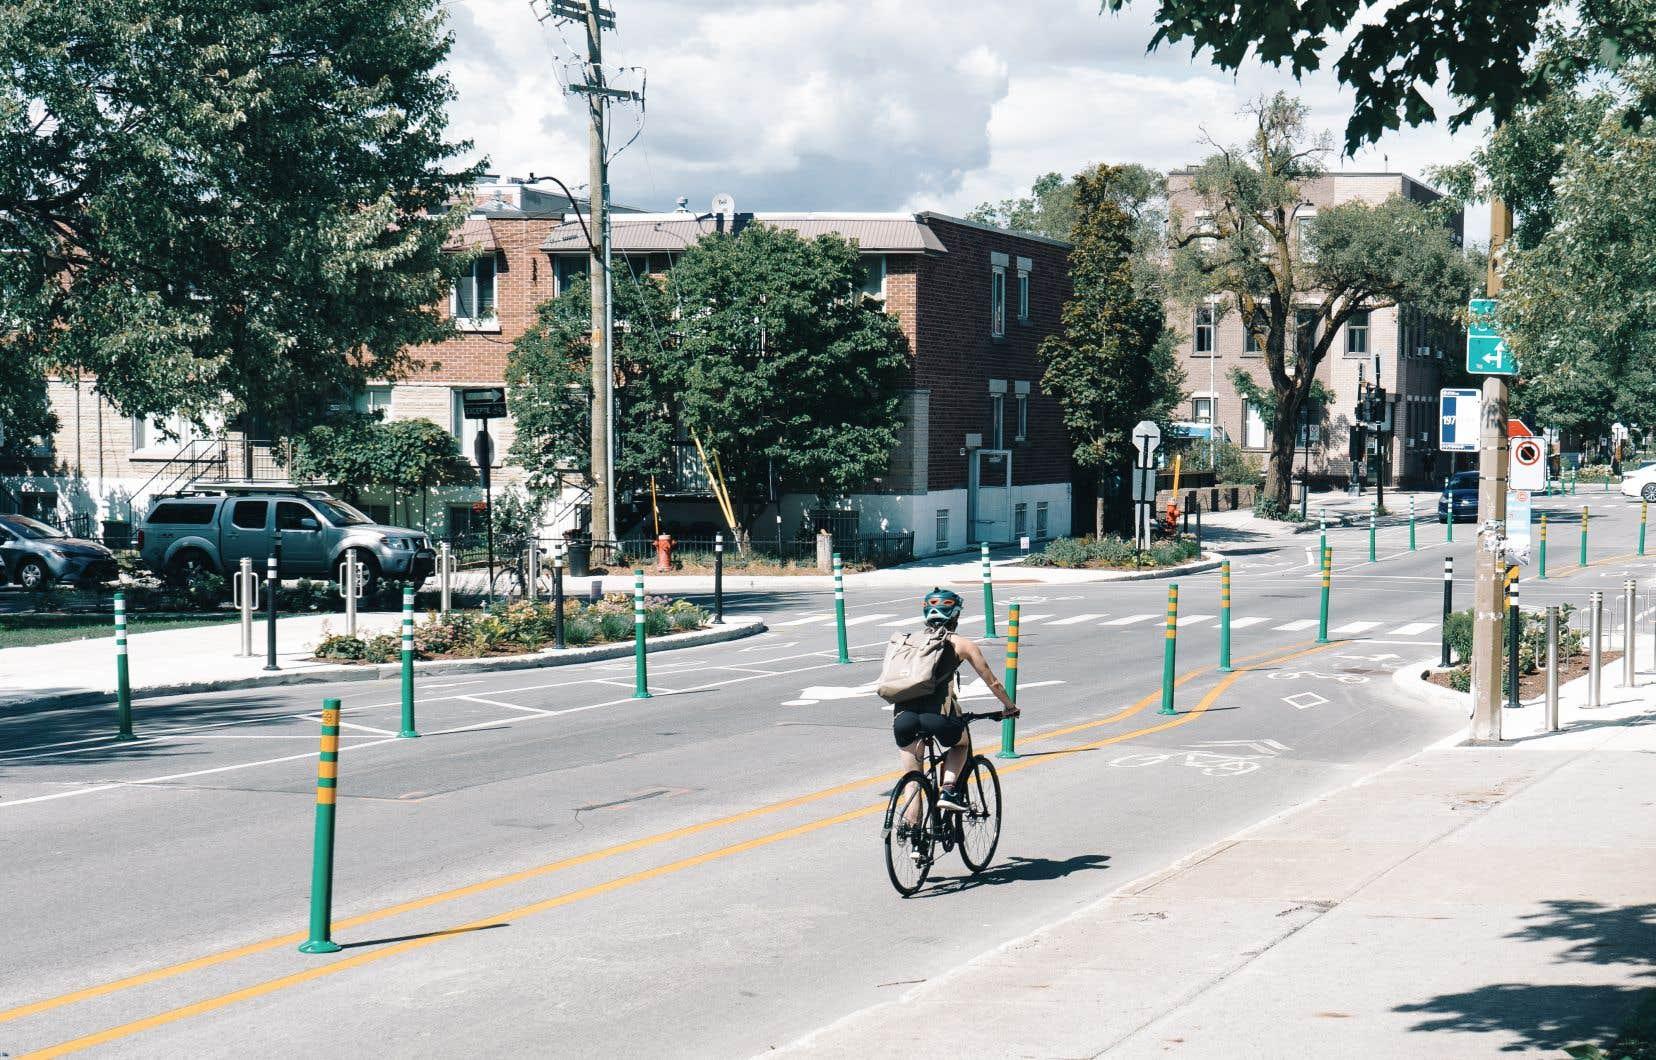 «En aménageant les pistes cyclables sur les artères les plus achalandées, alors qu'il aurait été préférable de les construire dans les rues résidentielles, on instrumentalise la pratique du vélo, visant à contraindre les déplacements automobiles, et ce, au détriment des cyclistes eux-mêmes, qui gagneraient à rouler dans des rues plus paisibles, plus vertes, et surtout plus sécuritaires et moins polluées», pense l'auteur.